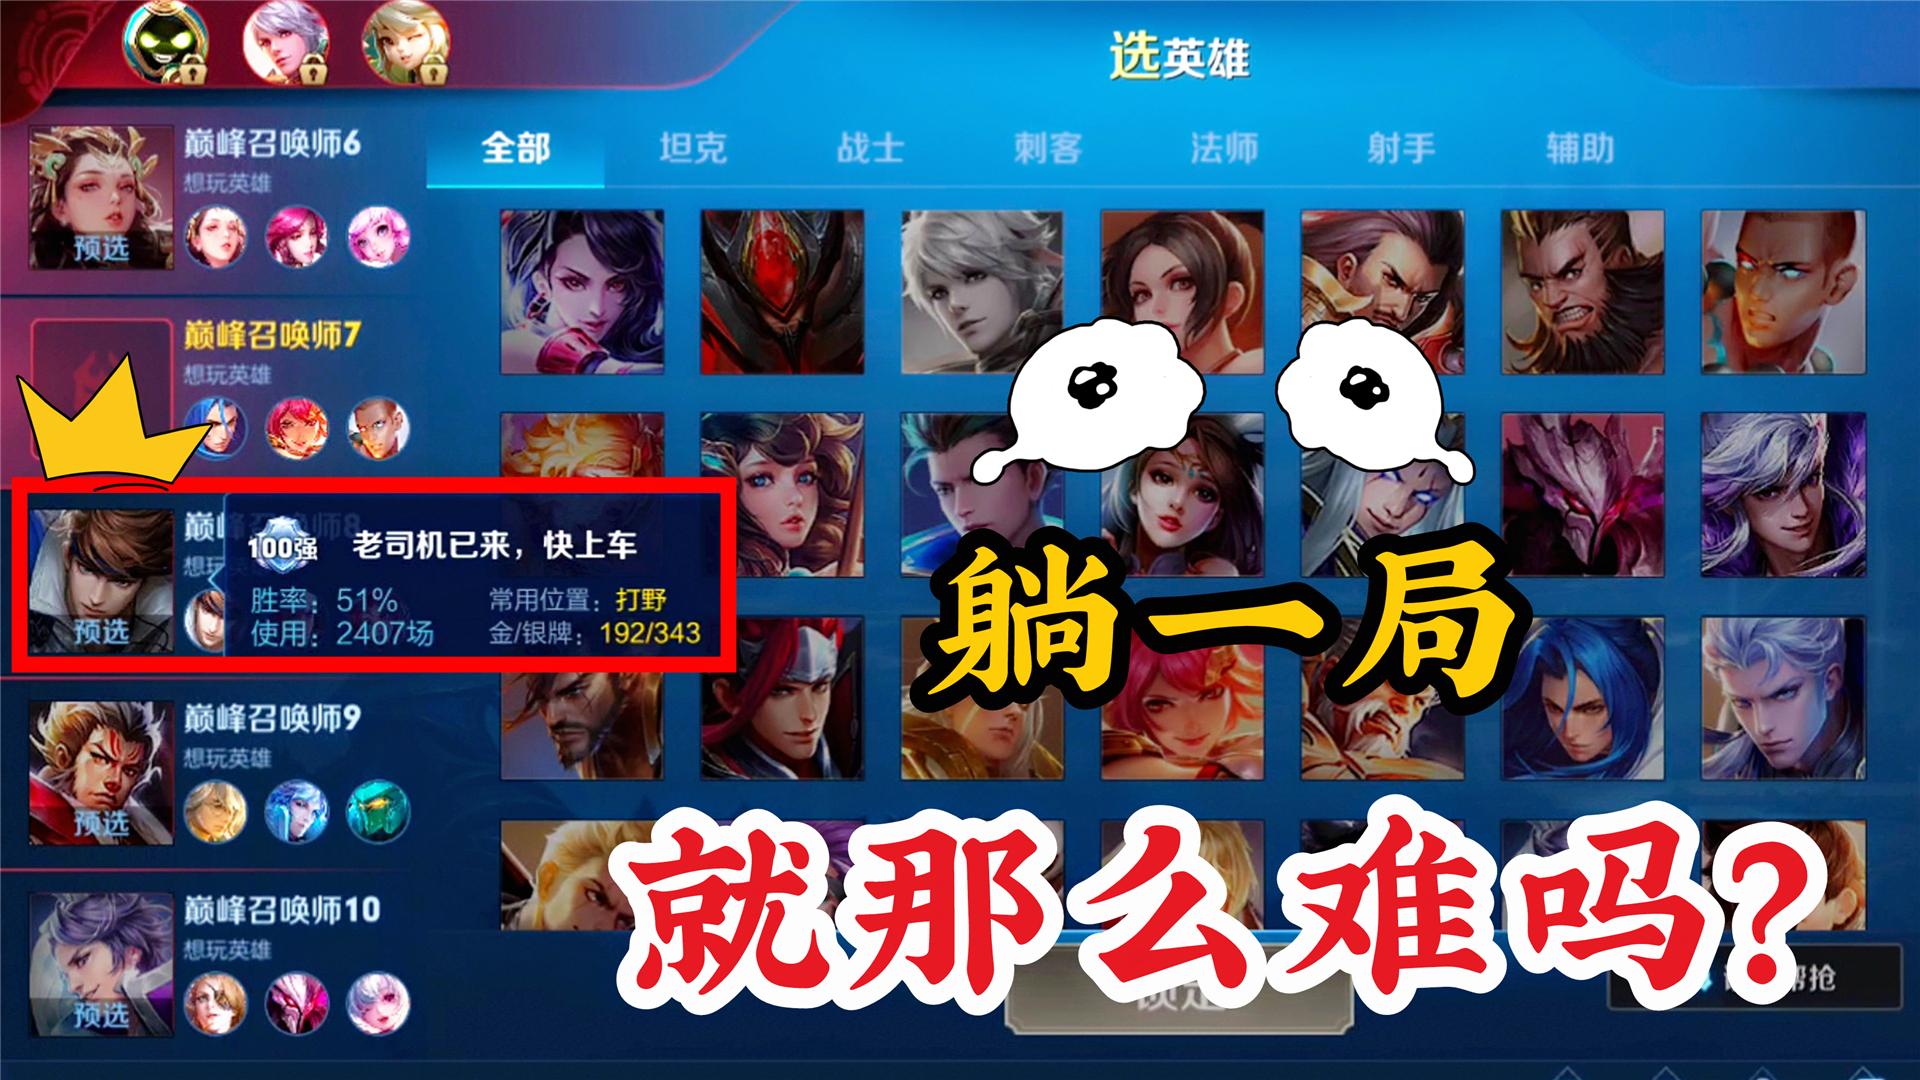 遇上一个玩了2400场的赵云,本以为会稳赢!却没想到是艰难对局